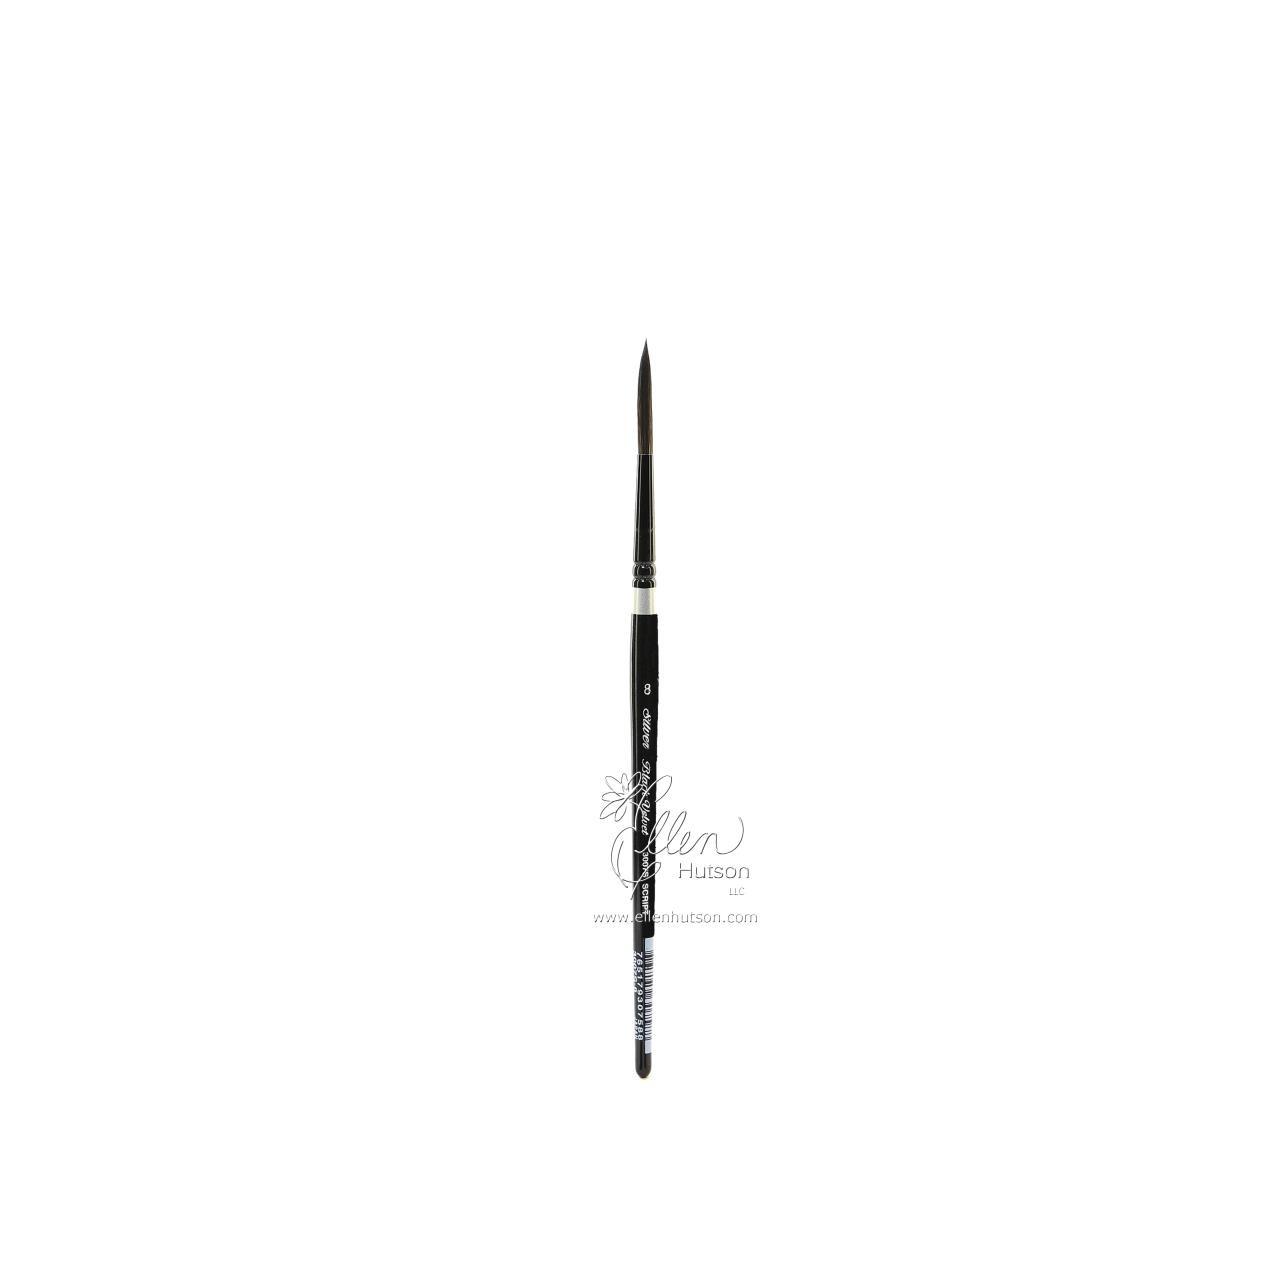 Silver Brush Black Velvet Watercolor Brushes, Short Script Liner 8 -